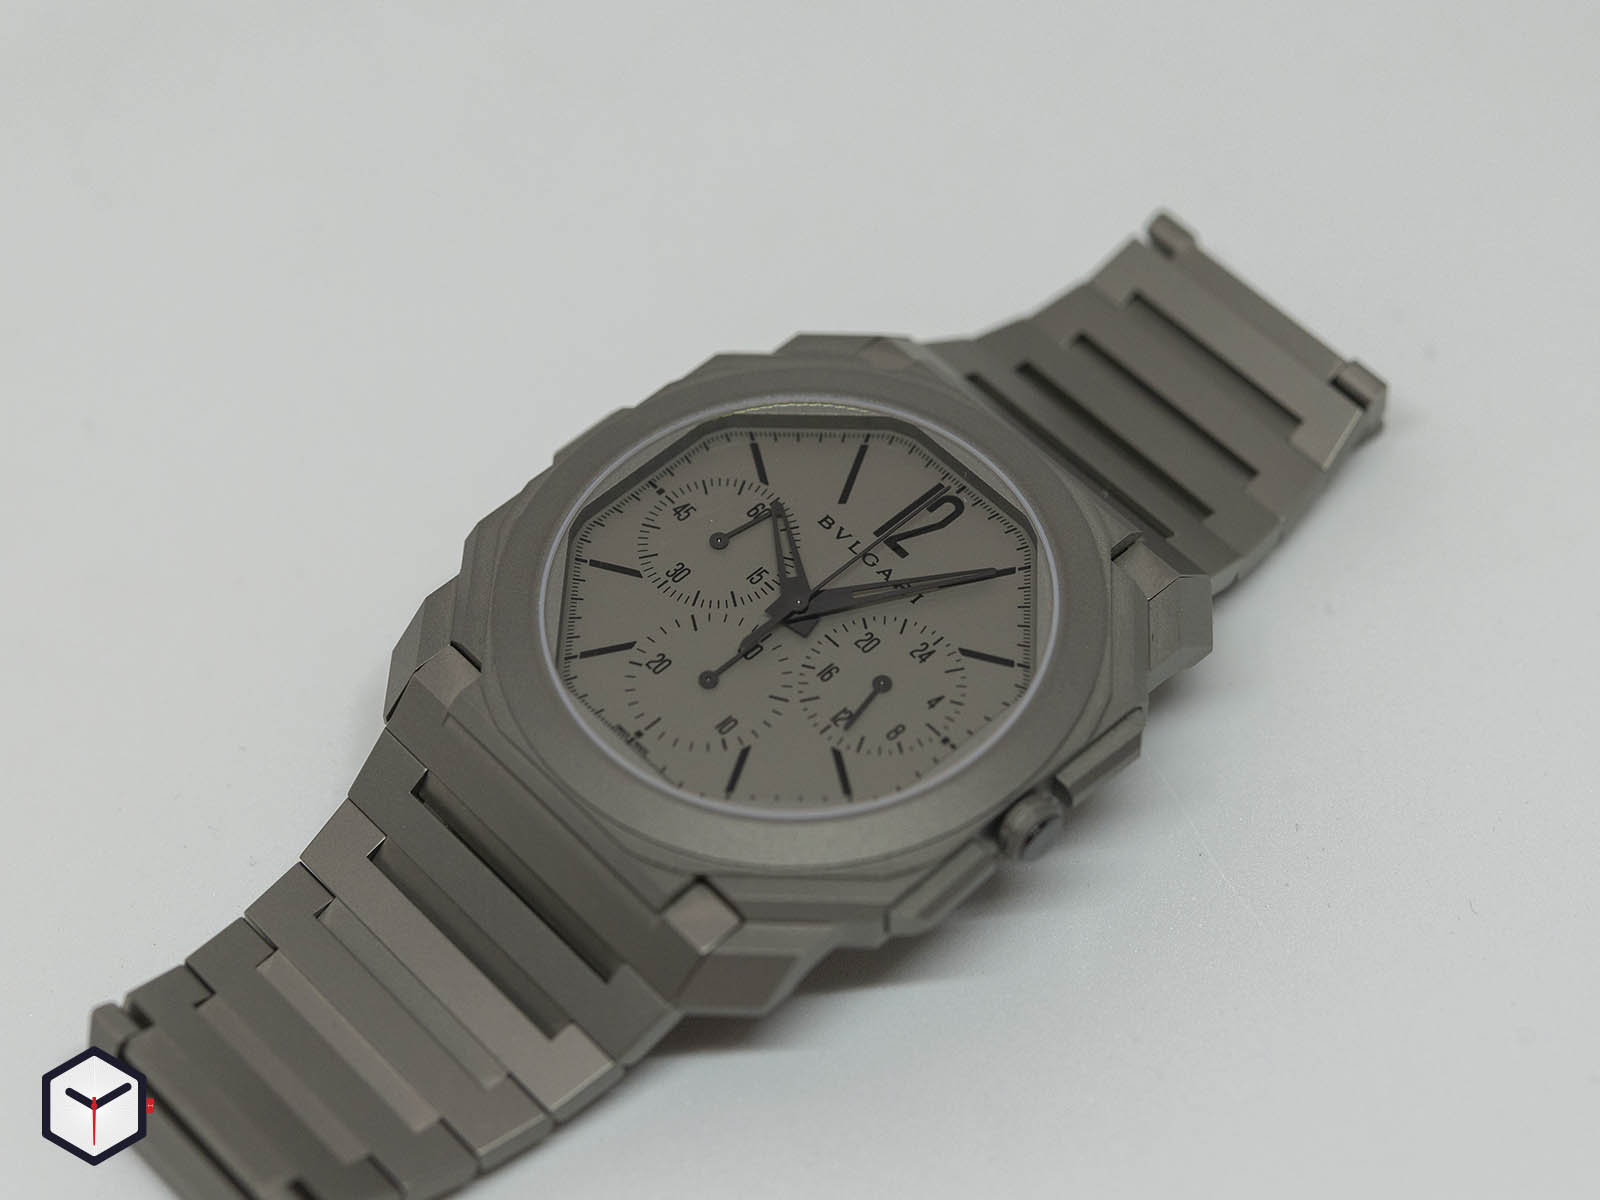 103068-bulgari-octo-finissimo-chronograph-gmt-automatic-baselworld-2019-2.jpg